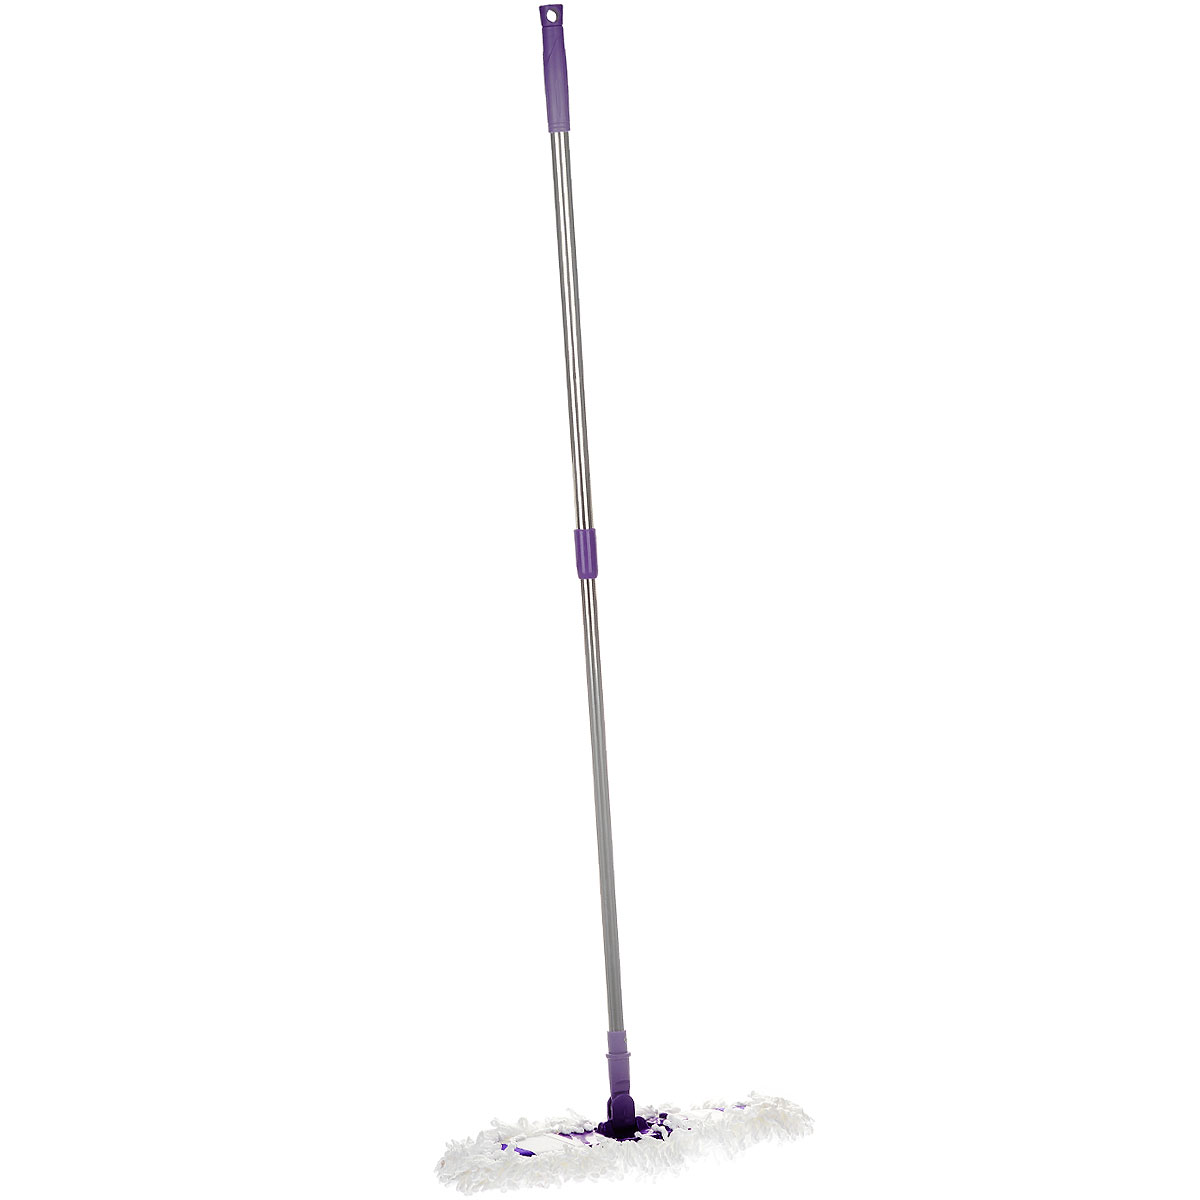 Швабра Фэйт Флаундер-4, с телескопической ручкой и сменной насадкой, цвет: сиреневый, 70-125 см68961_сиреневыйШвабра Фэйт Флаундер-4 предназначена для сухой и влажной уборки в доме.Сменная насадка выполнена из микрофибры, которая впитывает воду и грязь подобно губке. Такая насадка позволит вам использовать во время уборки меньшее количество чистящих средств. Она подходит для всех видов гладких полов из плитки, паркета, ламината и камня.Швабра оснащена удобной металлической телескопической ручкой с подвижной частью и фиксацией, которая позволяет использовать ее в труднодоступных местах. На конце ручки имеется специальная петля, благодаря которой швабру можно подвесить в любом удобном месте.Платформа швабры выполнена из высокопрочного пластика. Платформа может двигаться под любым углом, на любой плоскости. Подвижная платформа позволяет вымыть полы, не отодвигая крупногабаритную мебель, протереть стены от пыли за шкафами. Также такой шваброй очень удобно и легко протирать потолки.Длина ручки: 70-125 см.Размер рабочей части: 40 см х 12 см.